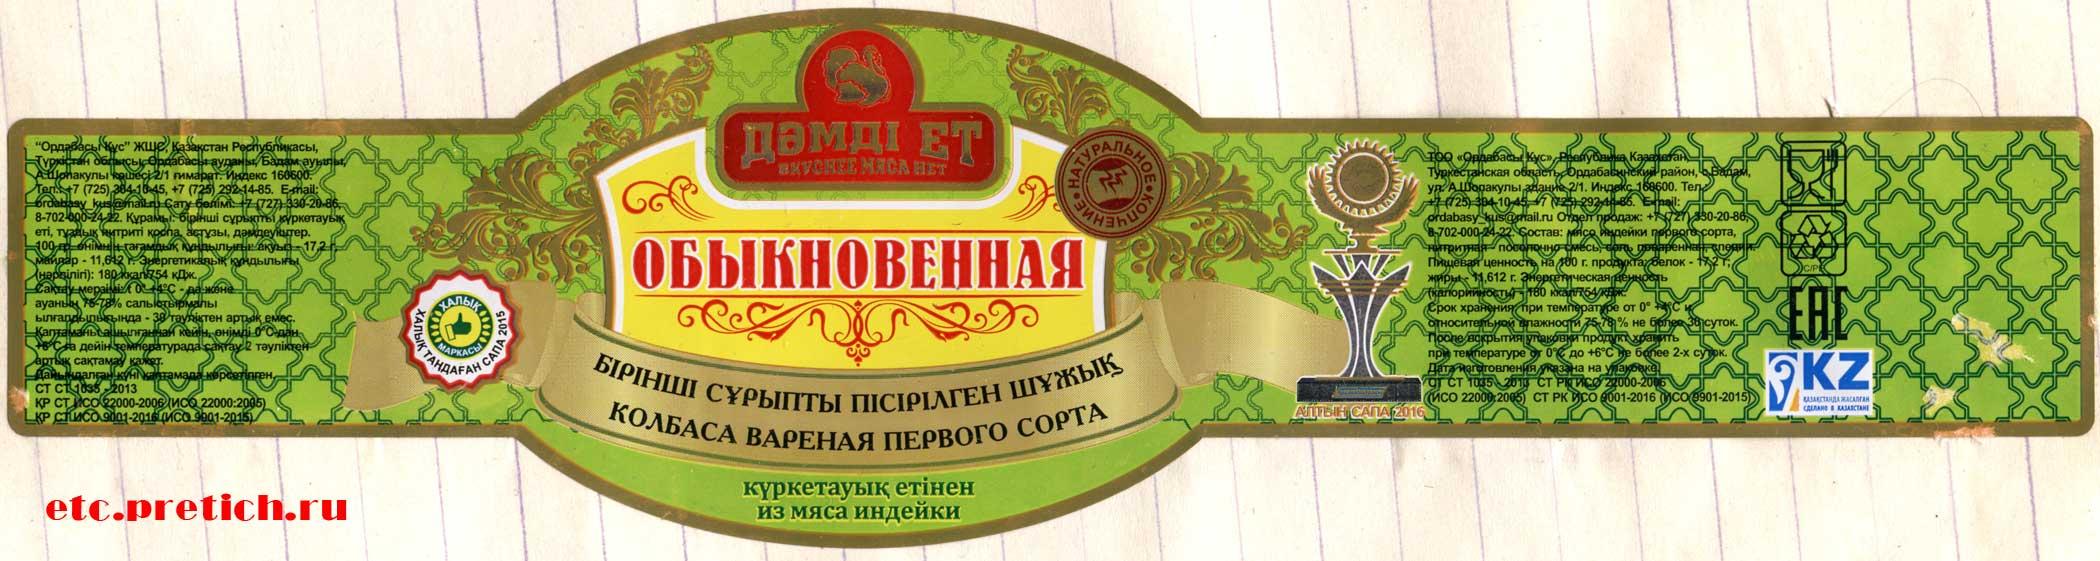 Дамди Ет Обыкновенная вареная колбаса первого сорта - плохая